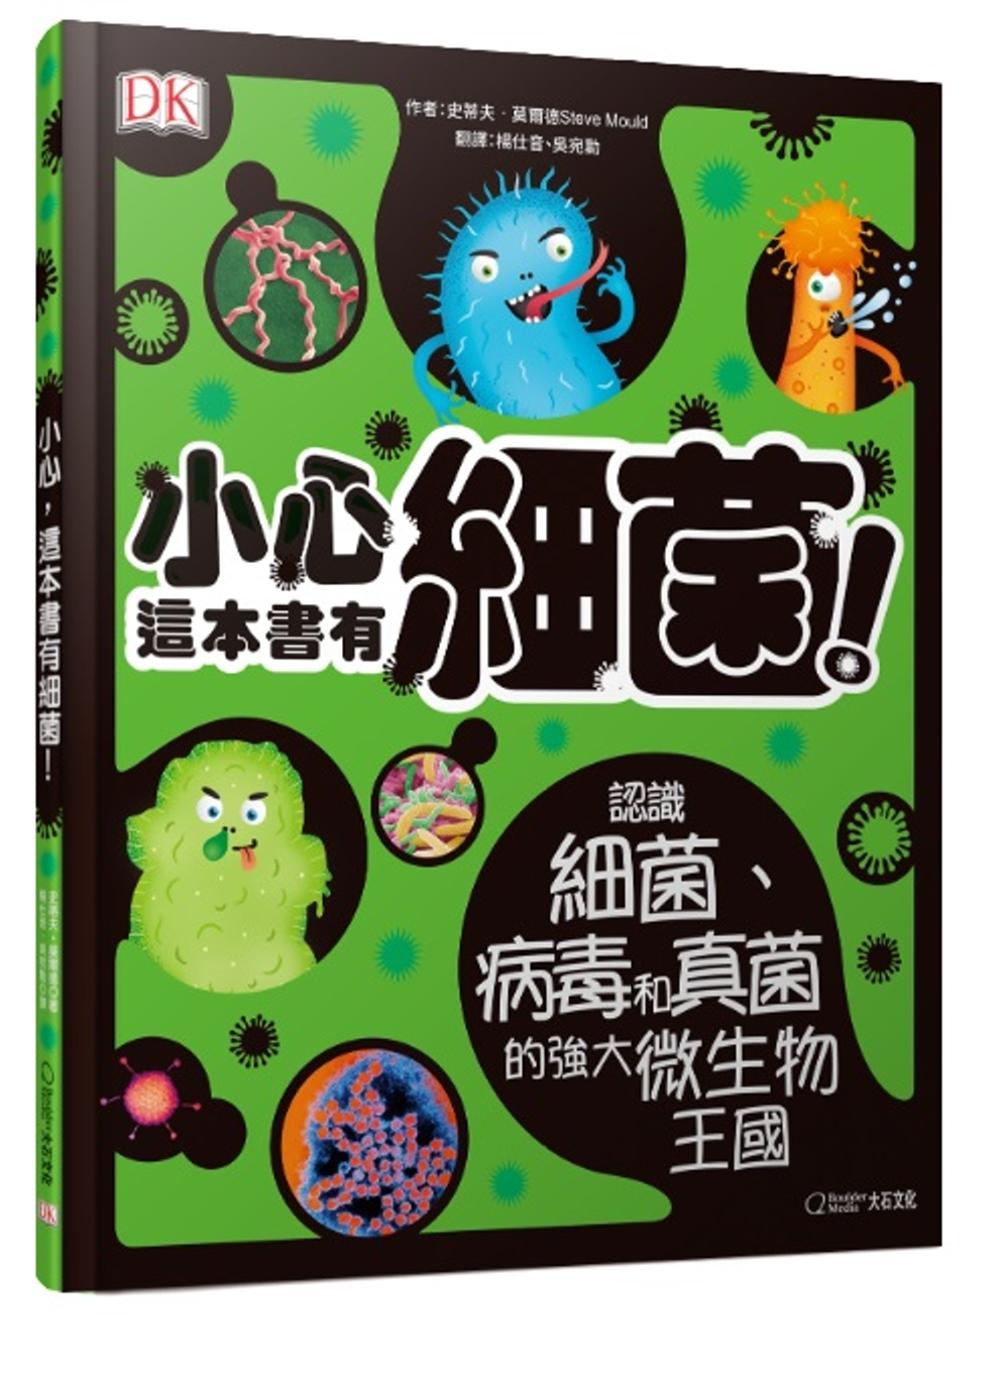 小心,這本書有細菌!:認識細菌、病毒和真菌的強大微生物王國